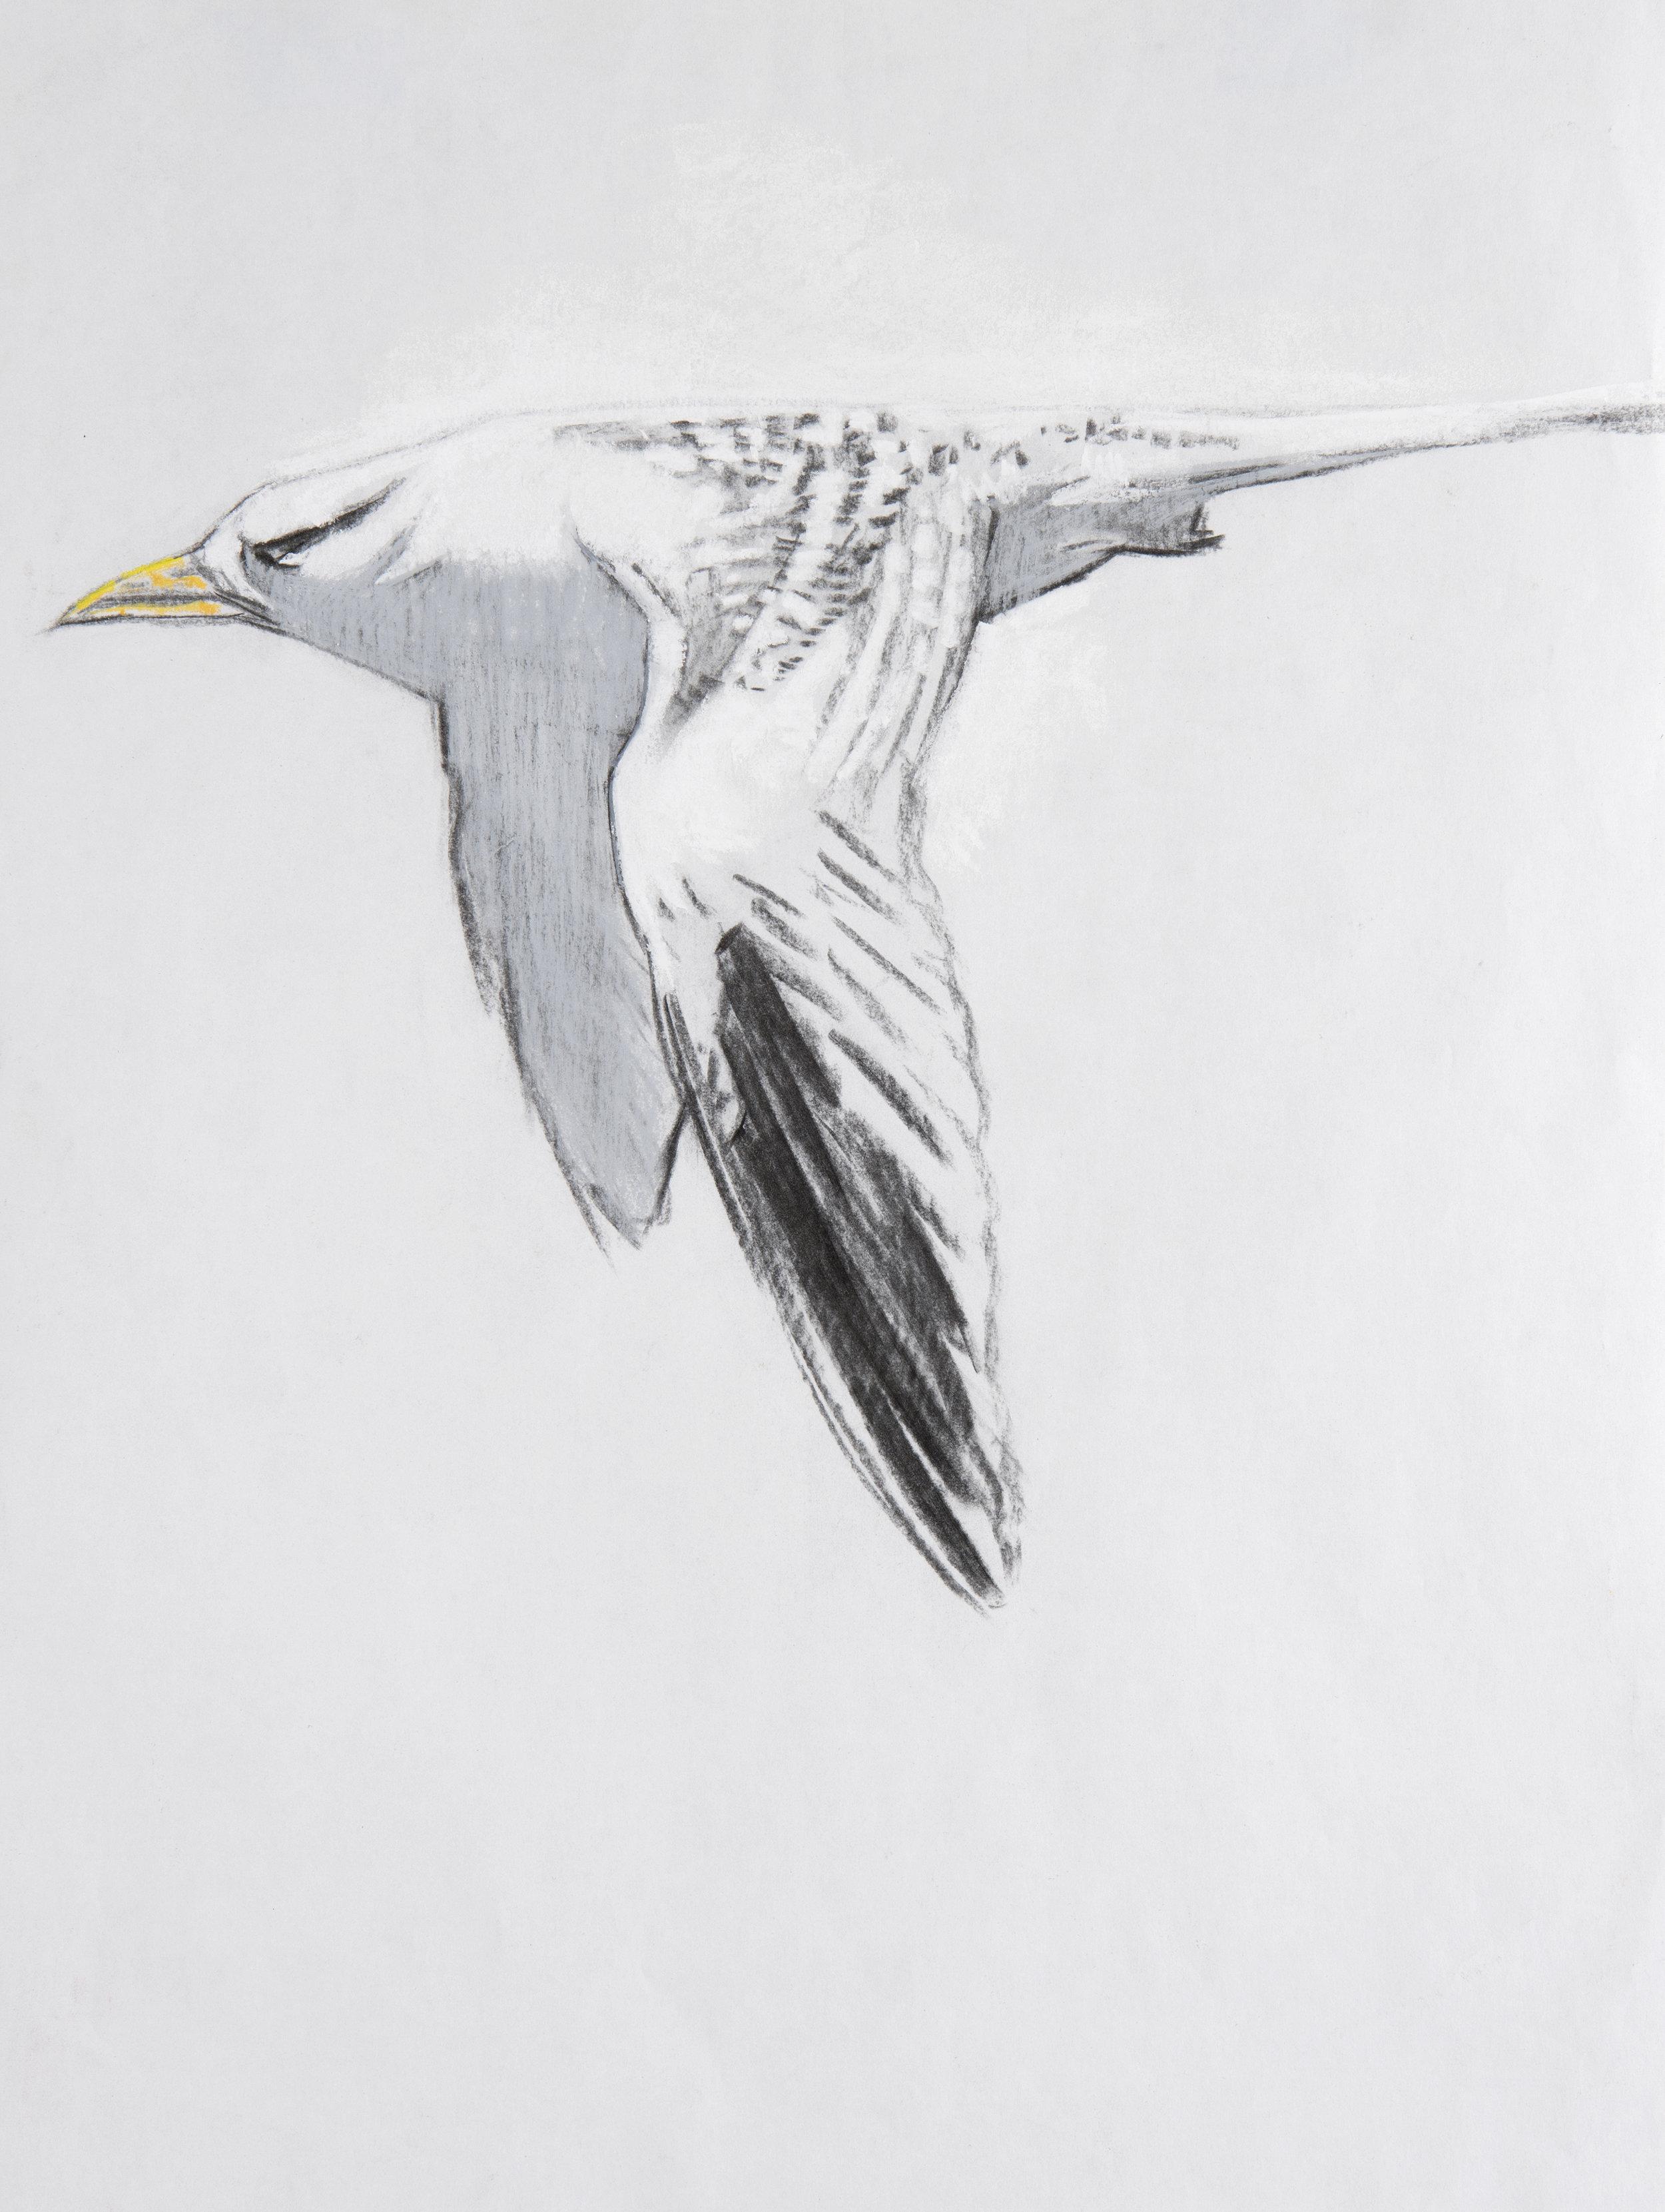 finalwhitwtailedtropicbird_1.jpg